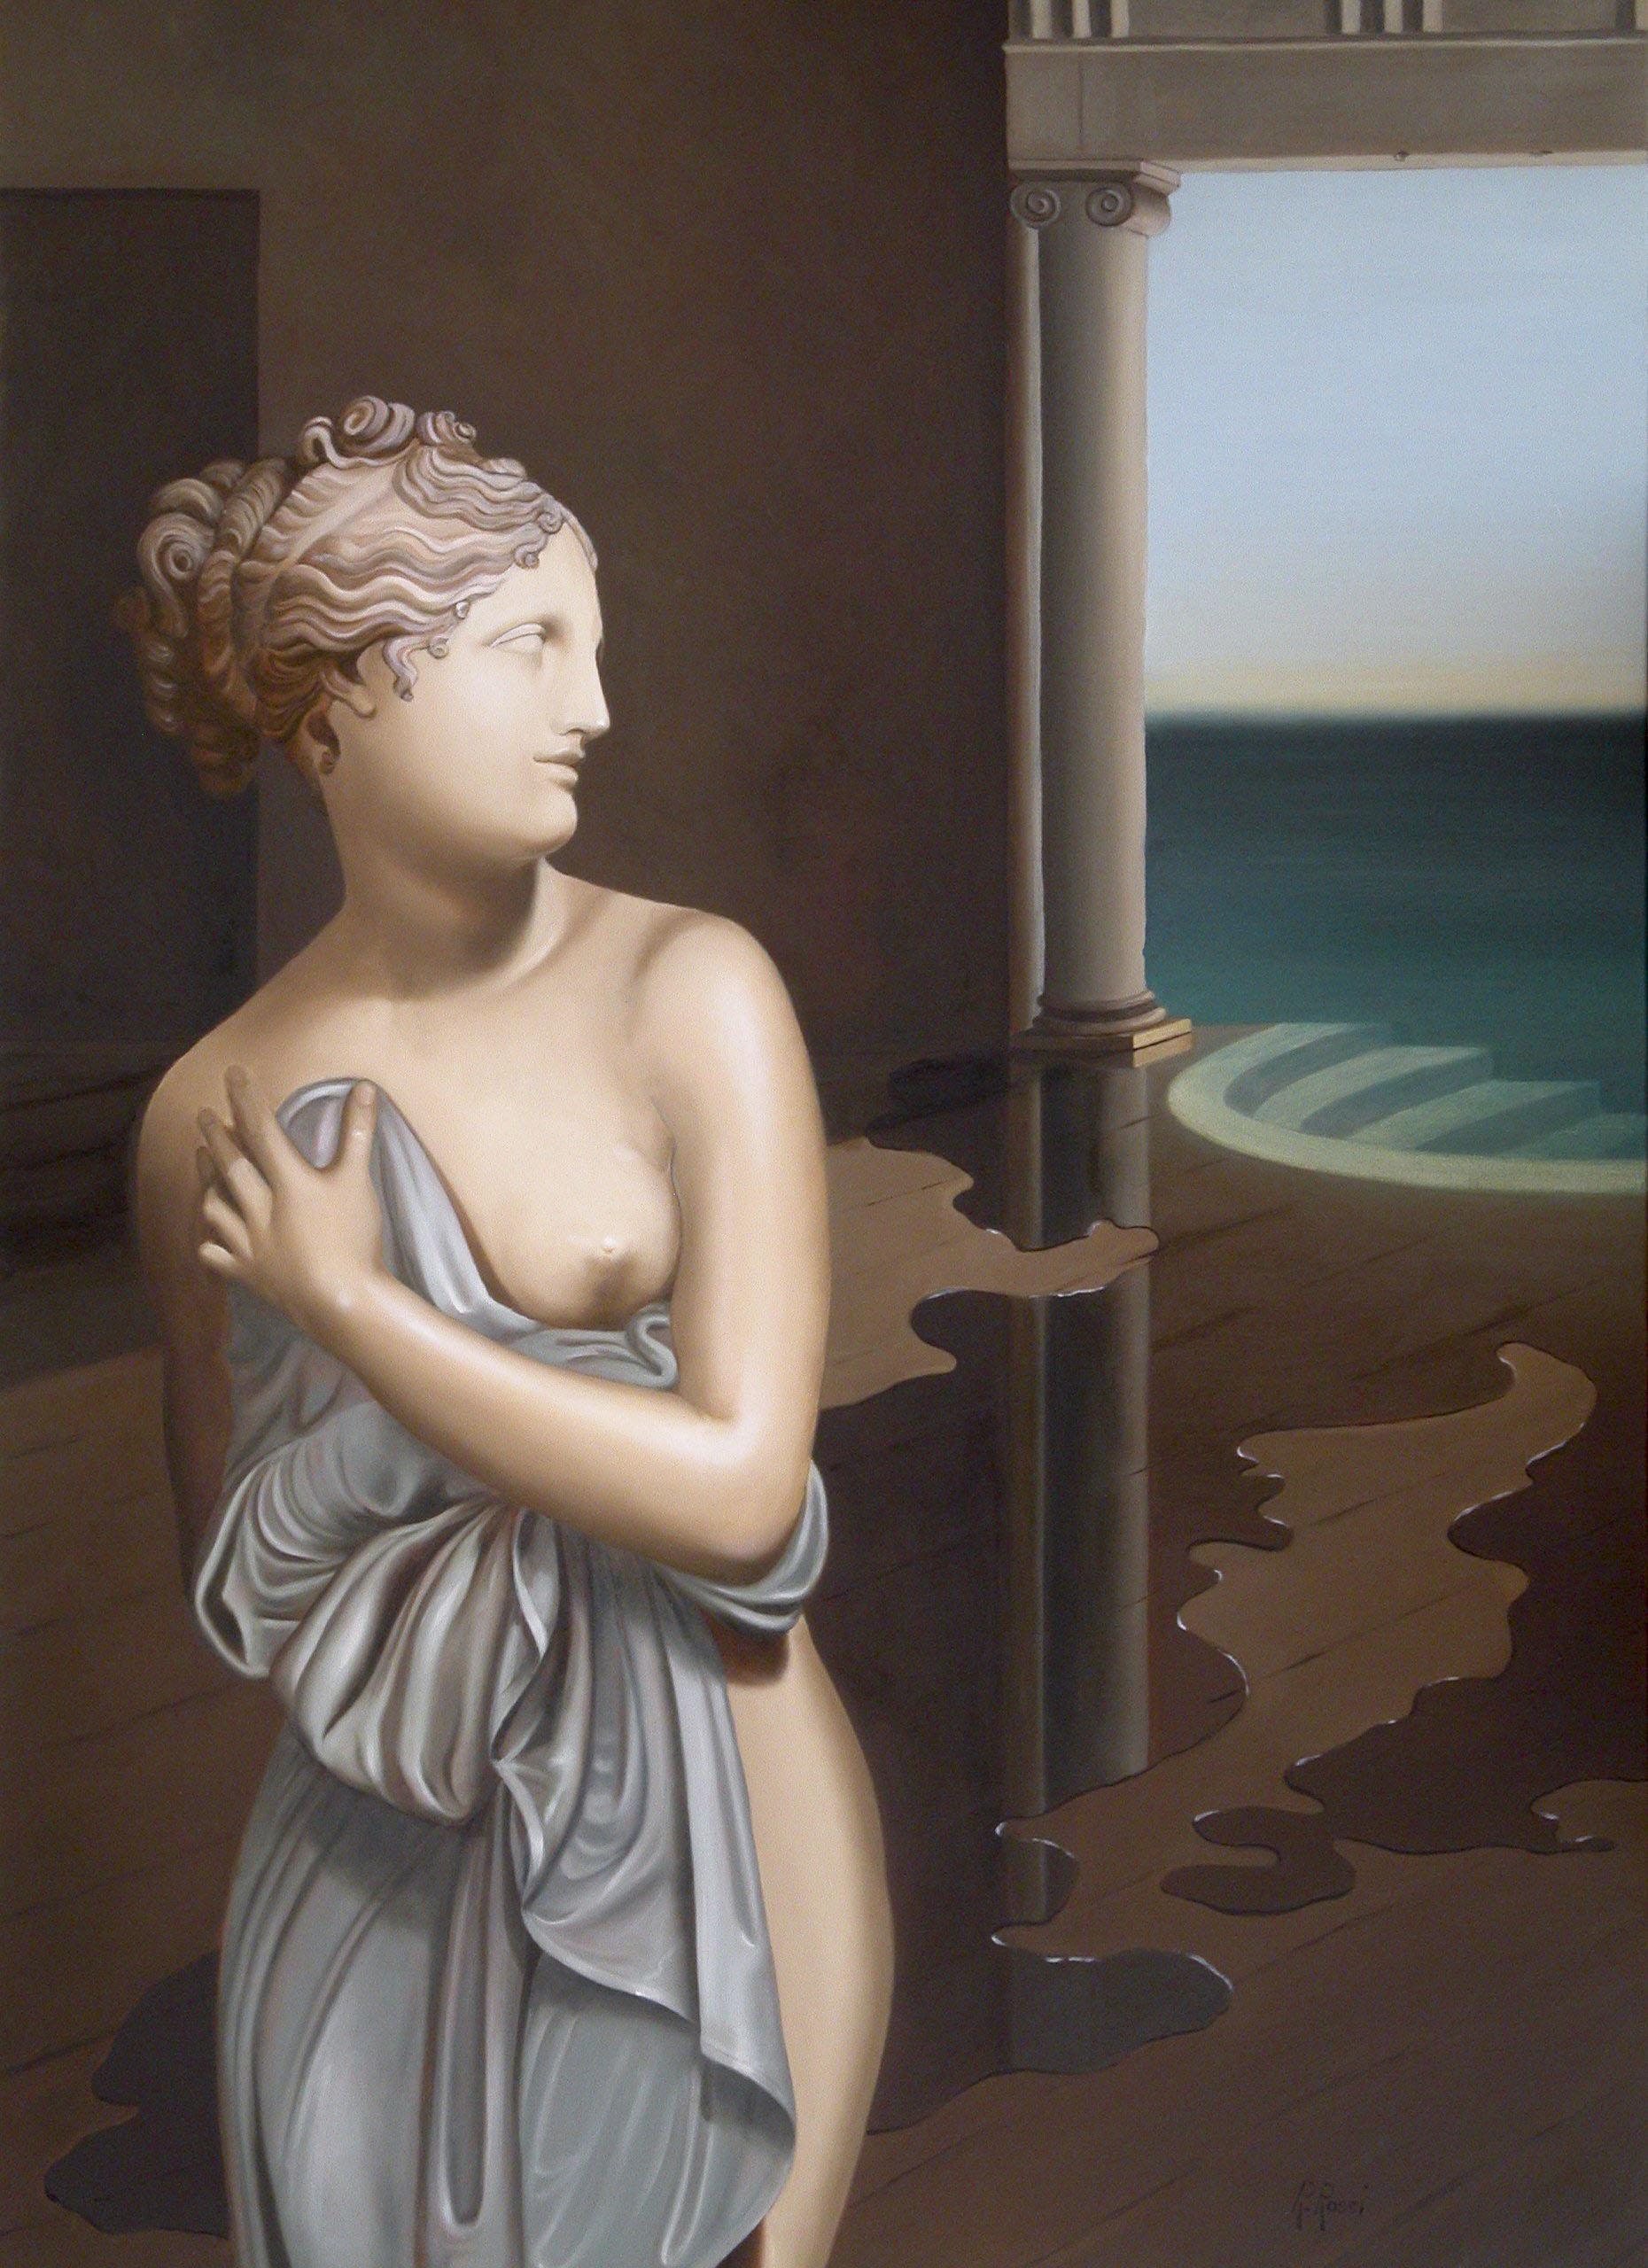 2007 roberta rossi - La stanza di Afrodite - olio su tela - 70 x 50